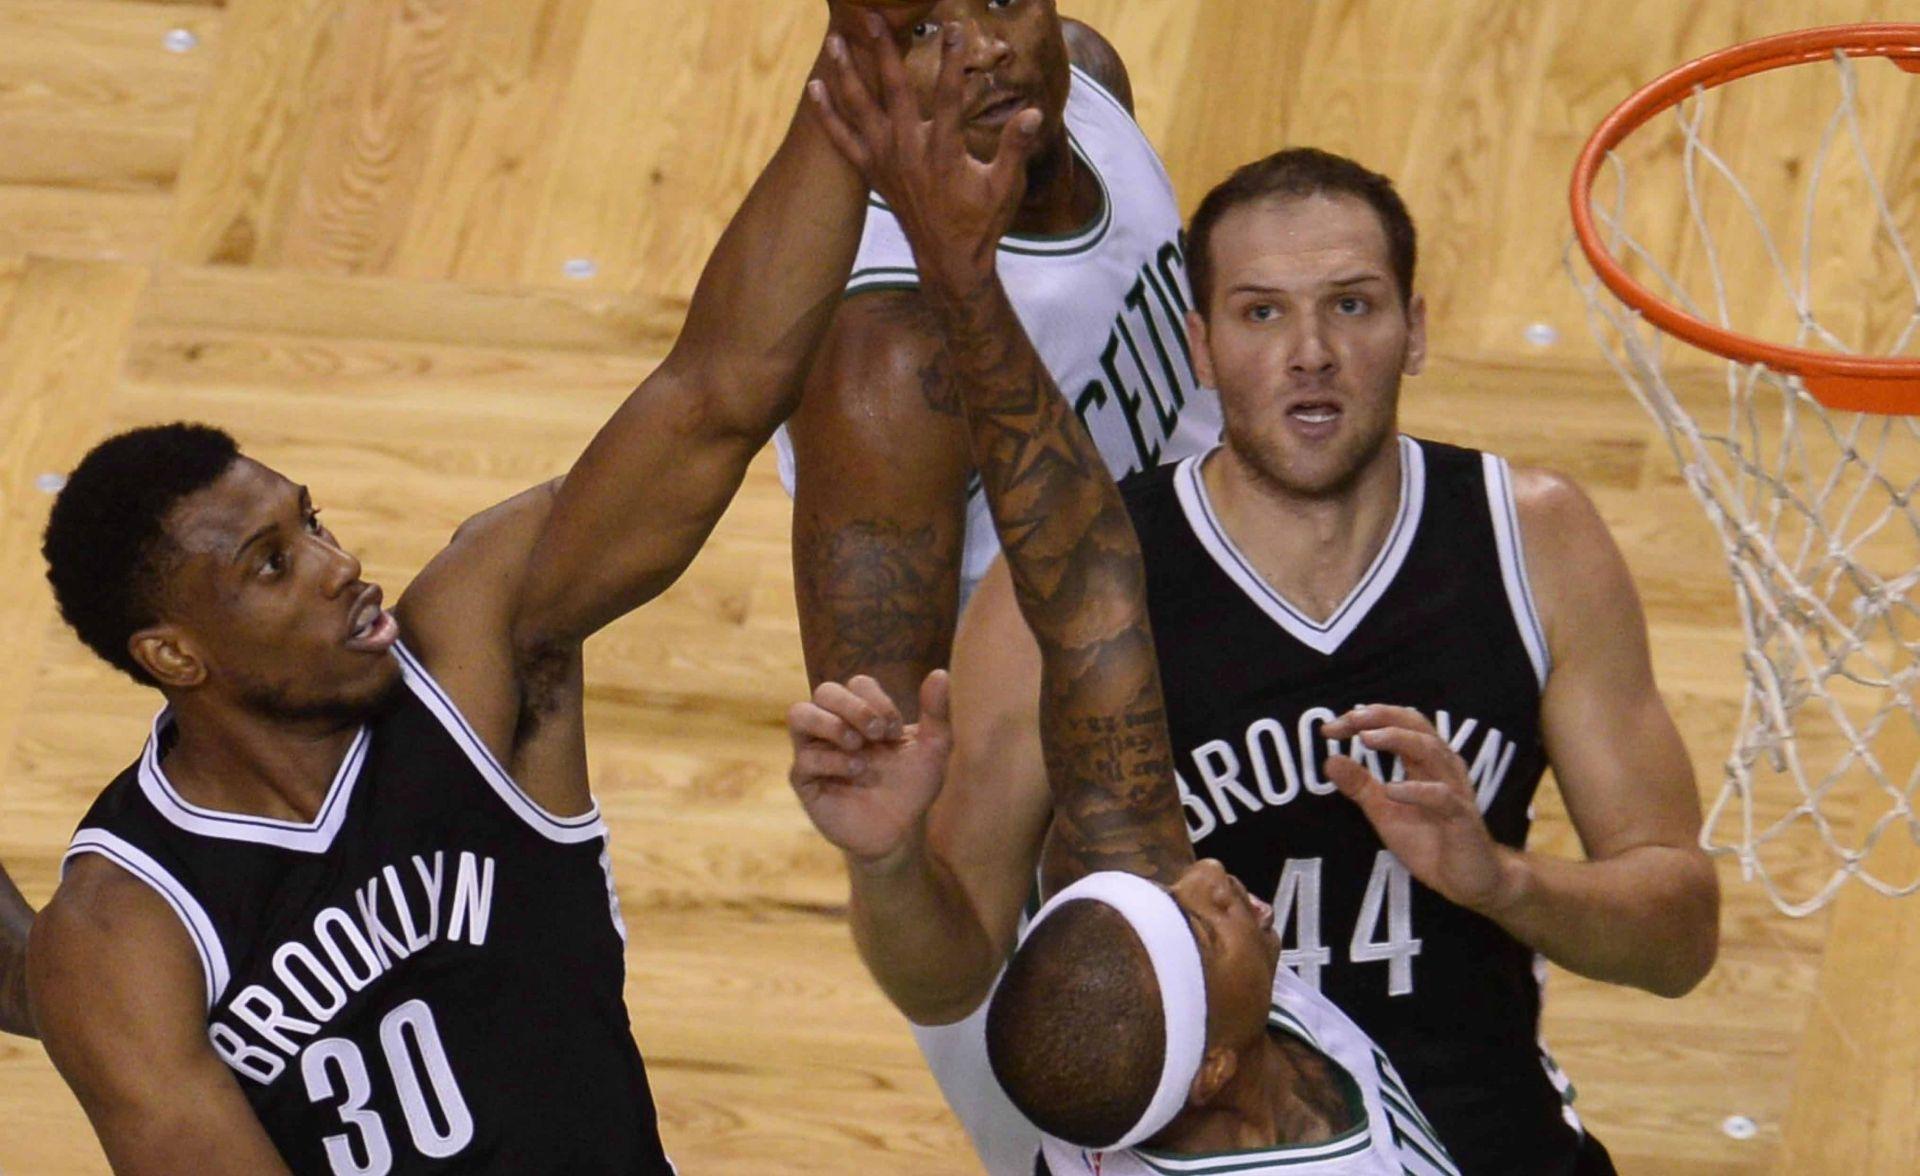 NBA: Warriorsi nadomak najboljeg starta u povijesti, Bogdanović ubacio devet koševa u porazu Brooklyna